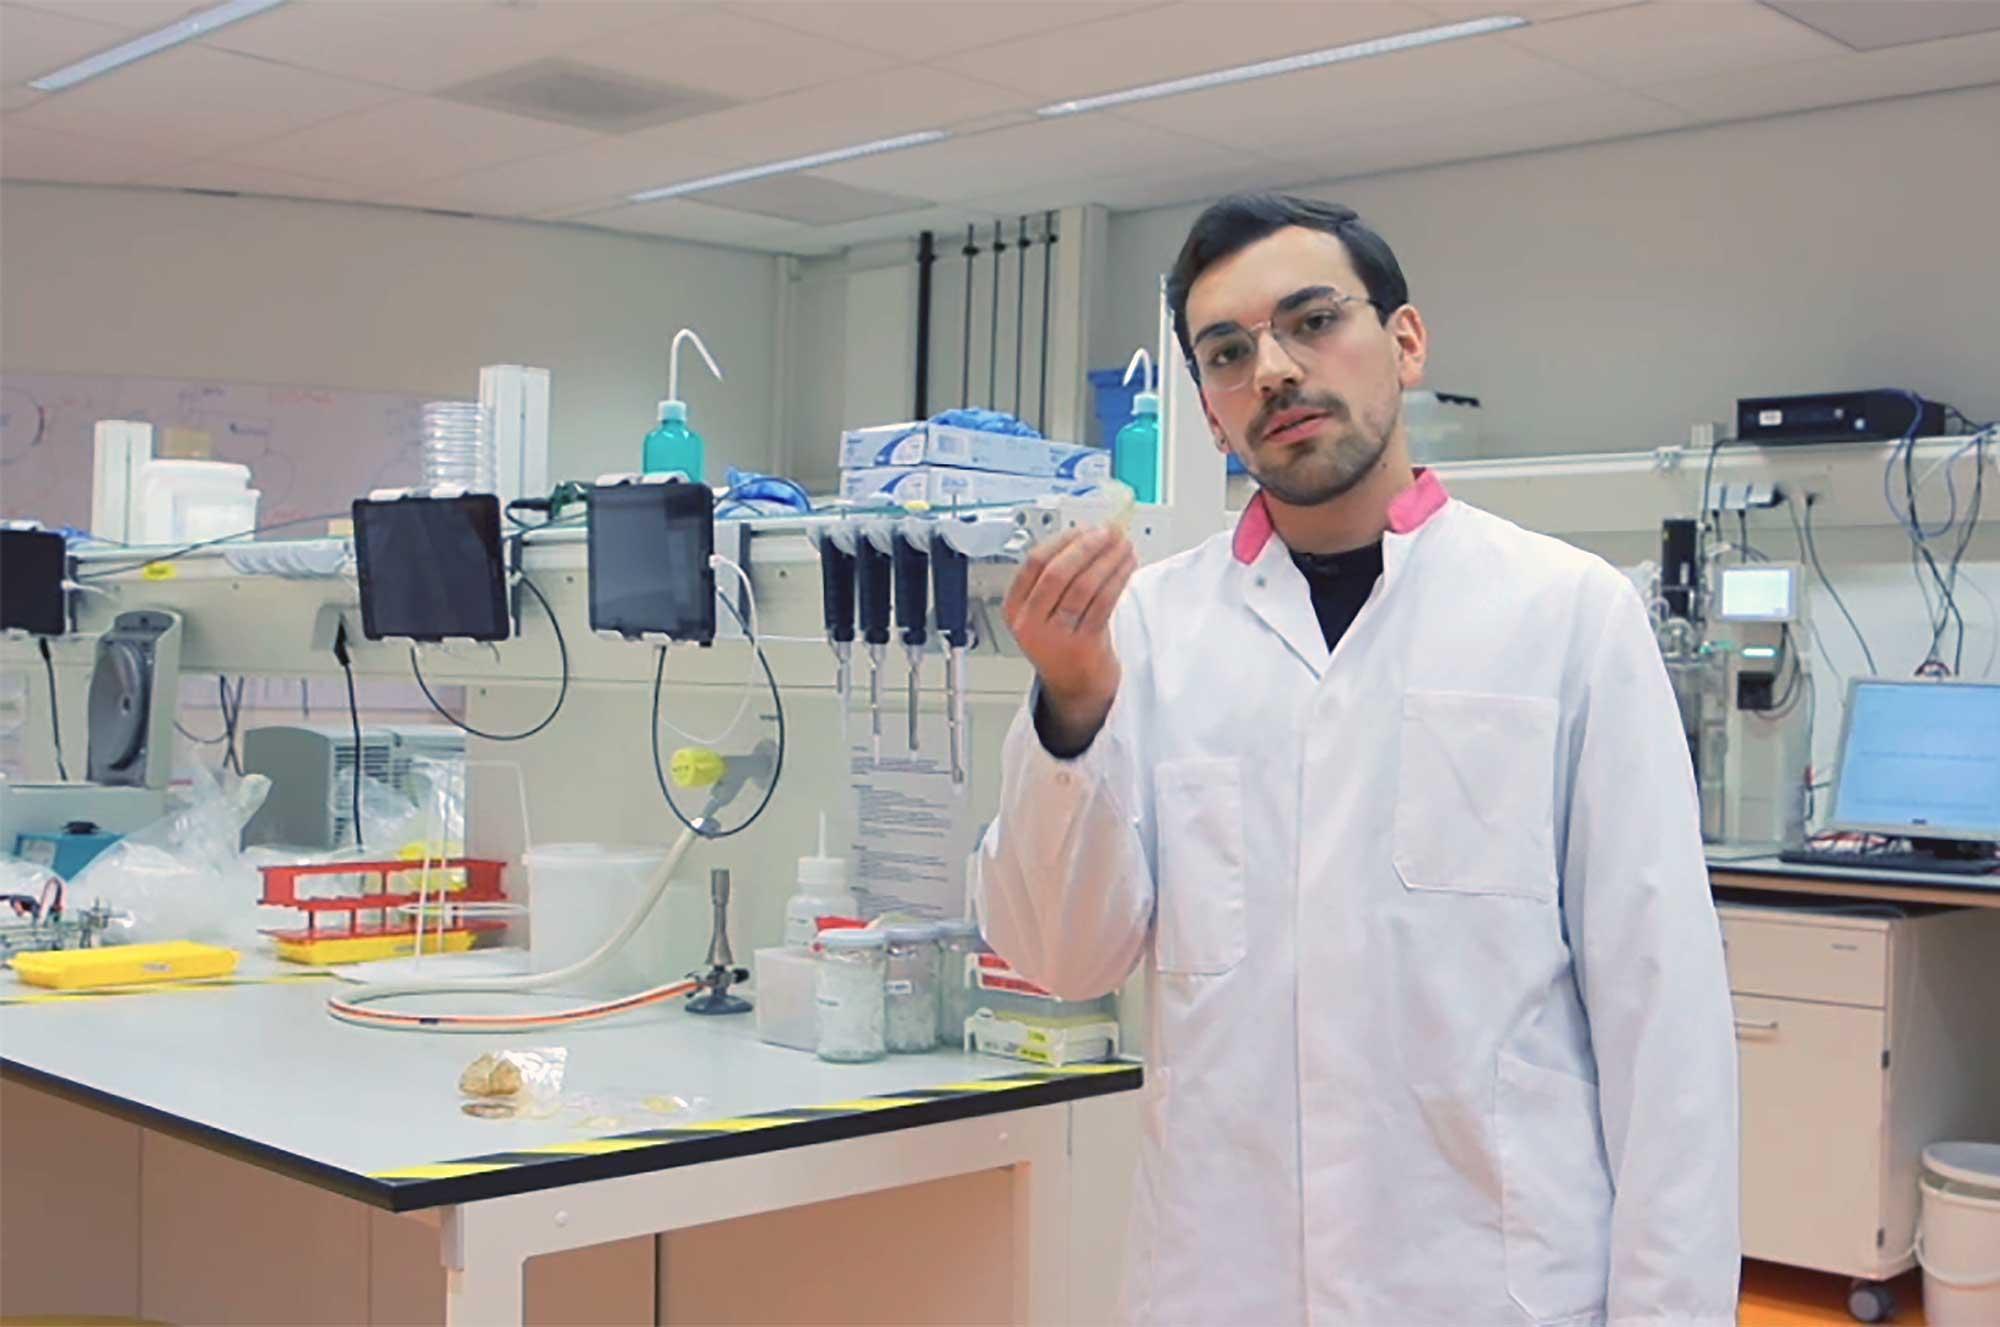 Guilherme de Souza Reis in het lab